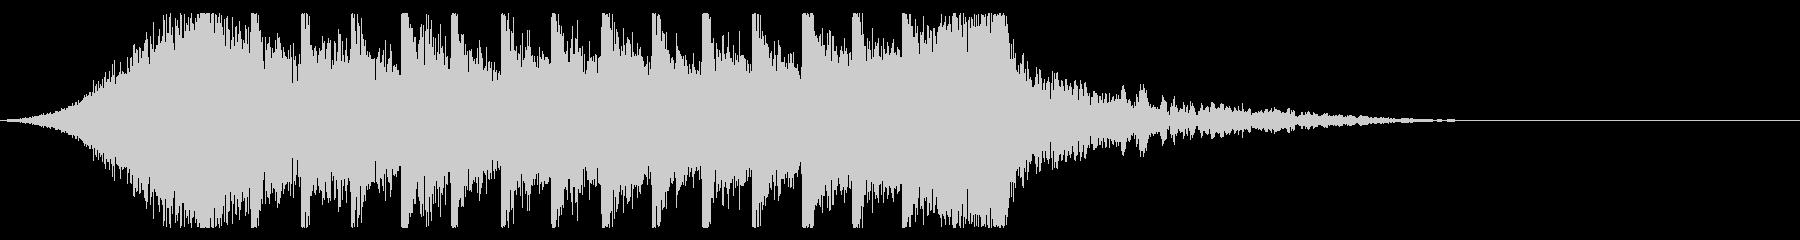 切ないきらきらピアノジングル⑤ 映画風の未再生の波形